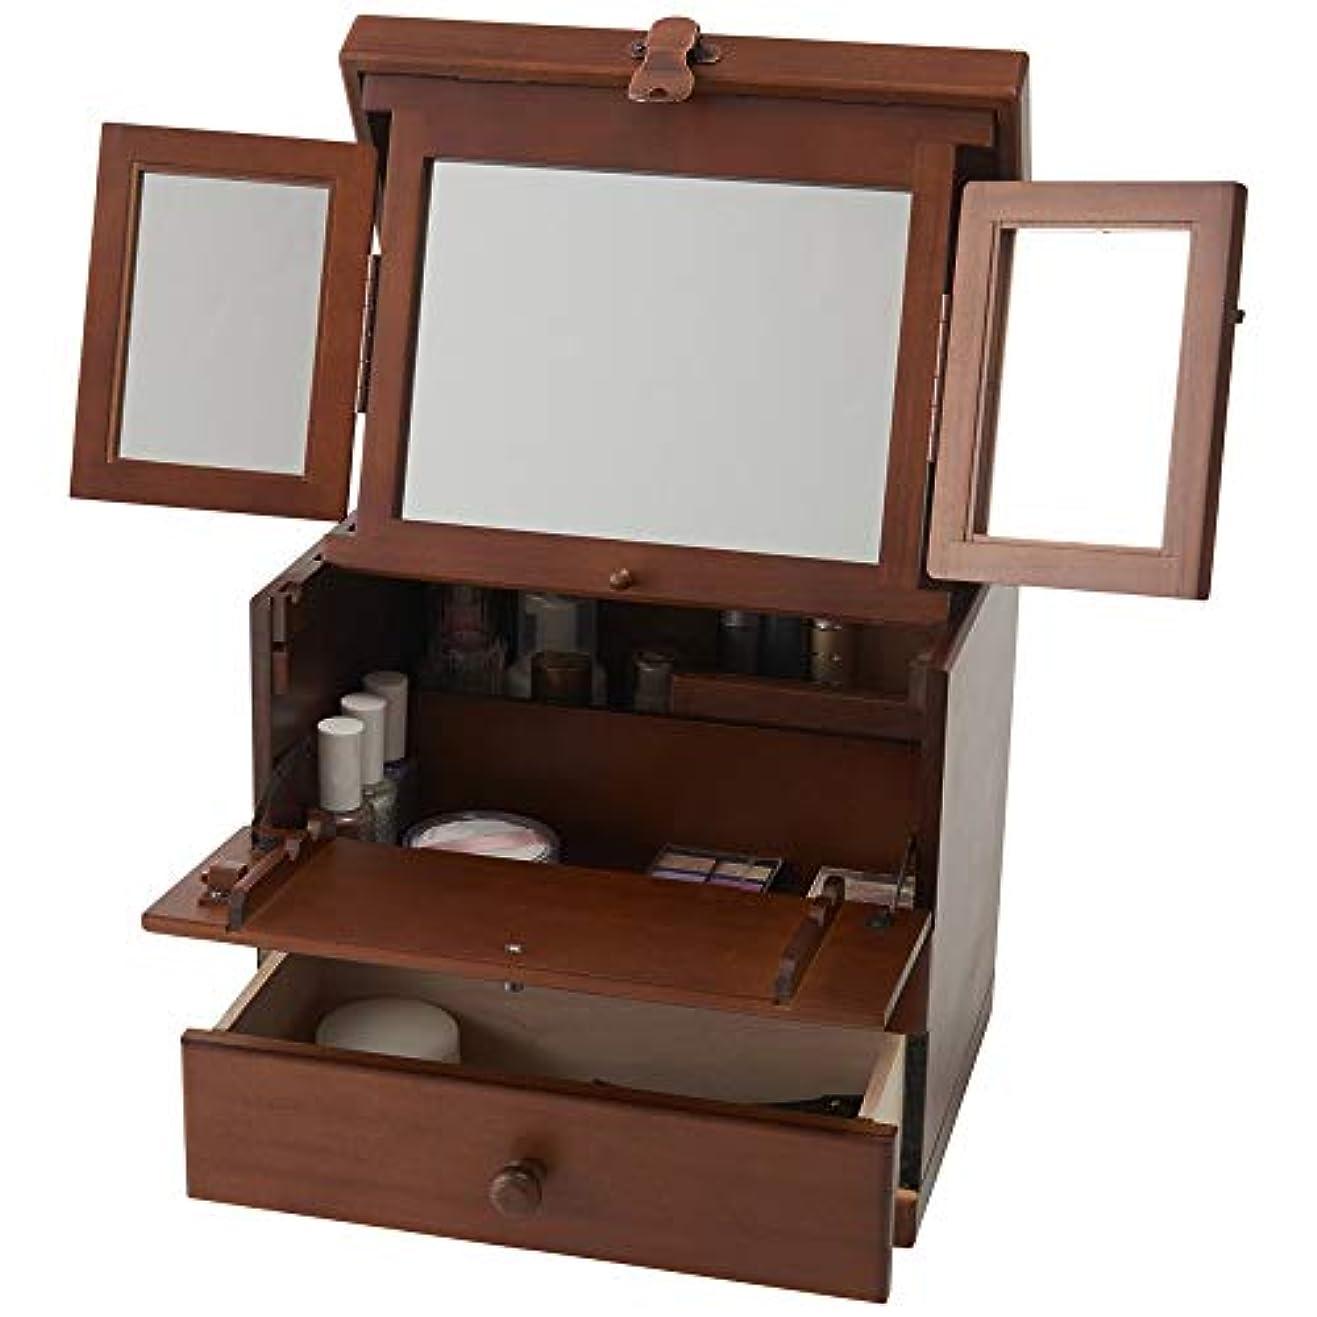 地上の複雑な絶対の木製コスメボックス 三面鏡 持ち運び 鏡付き 化粧ボックス メイクボックス 日本製